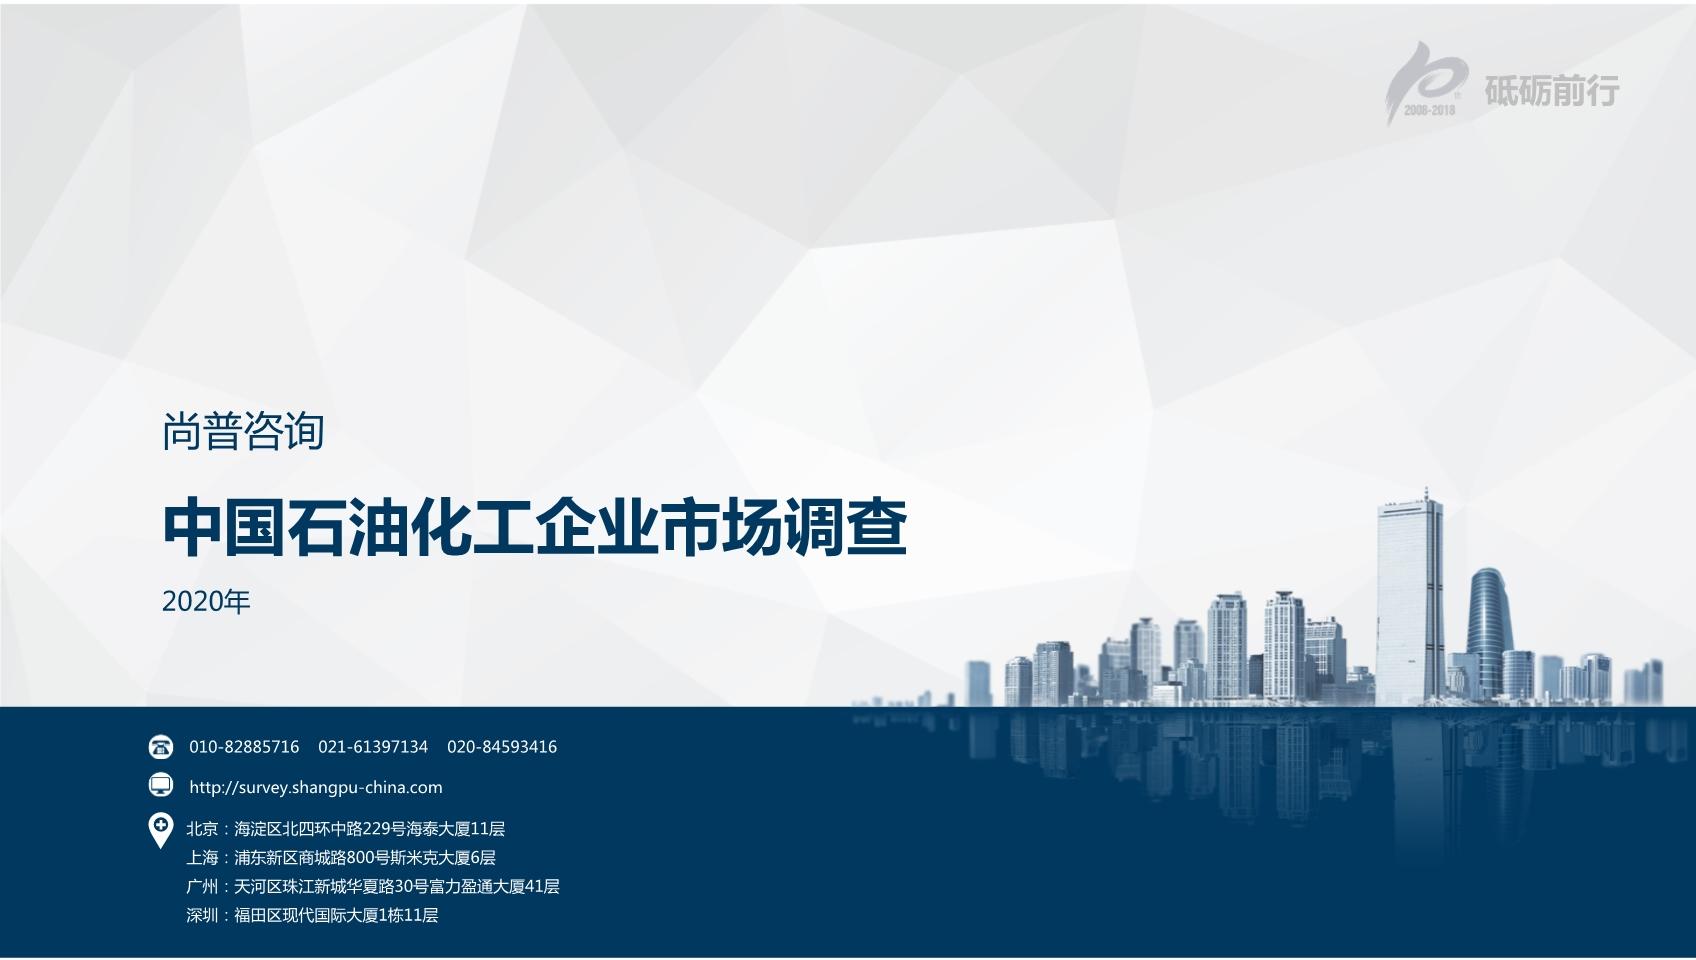 尚普咨询:2020年中国石油化工企业市场调查